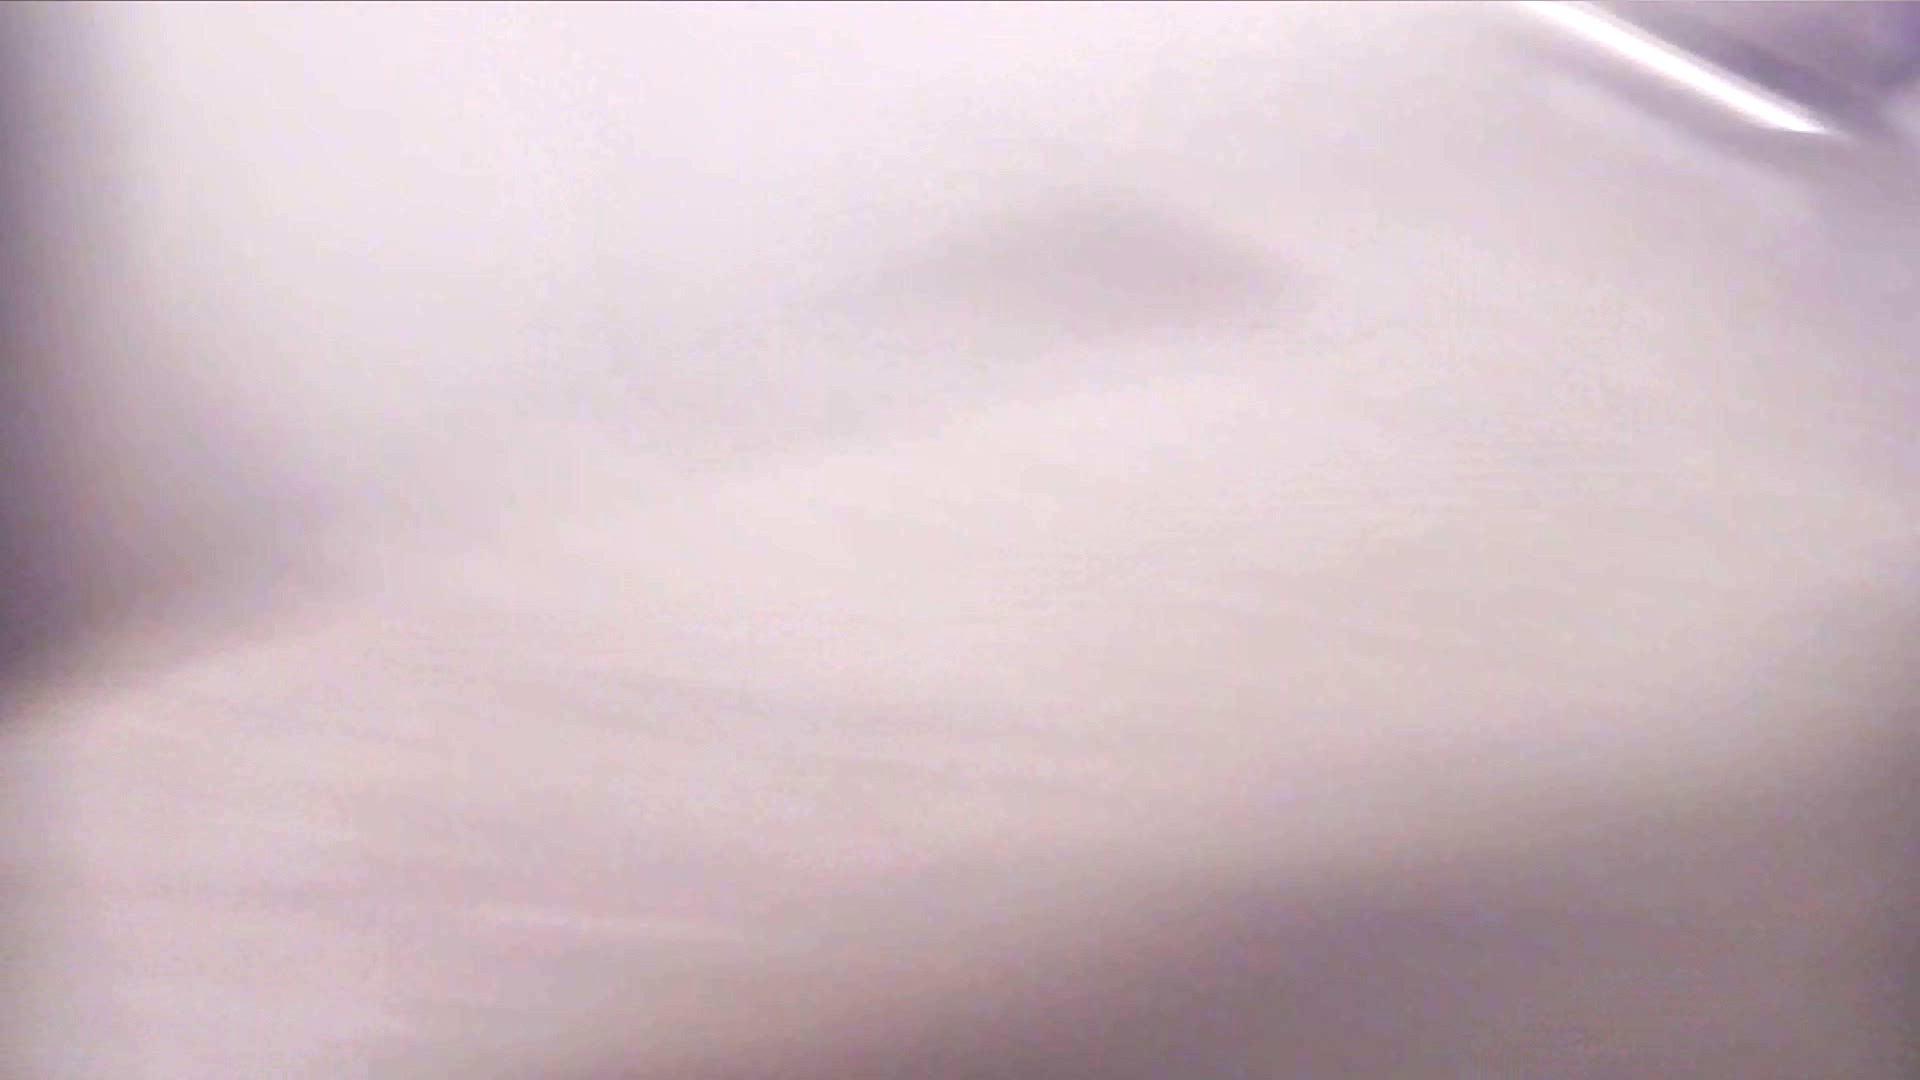 阿国ちゃんの「和式洋式七変化」No.4 洗面所 | 和式  97pic 91